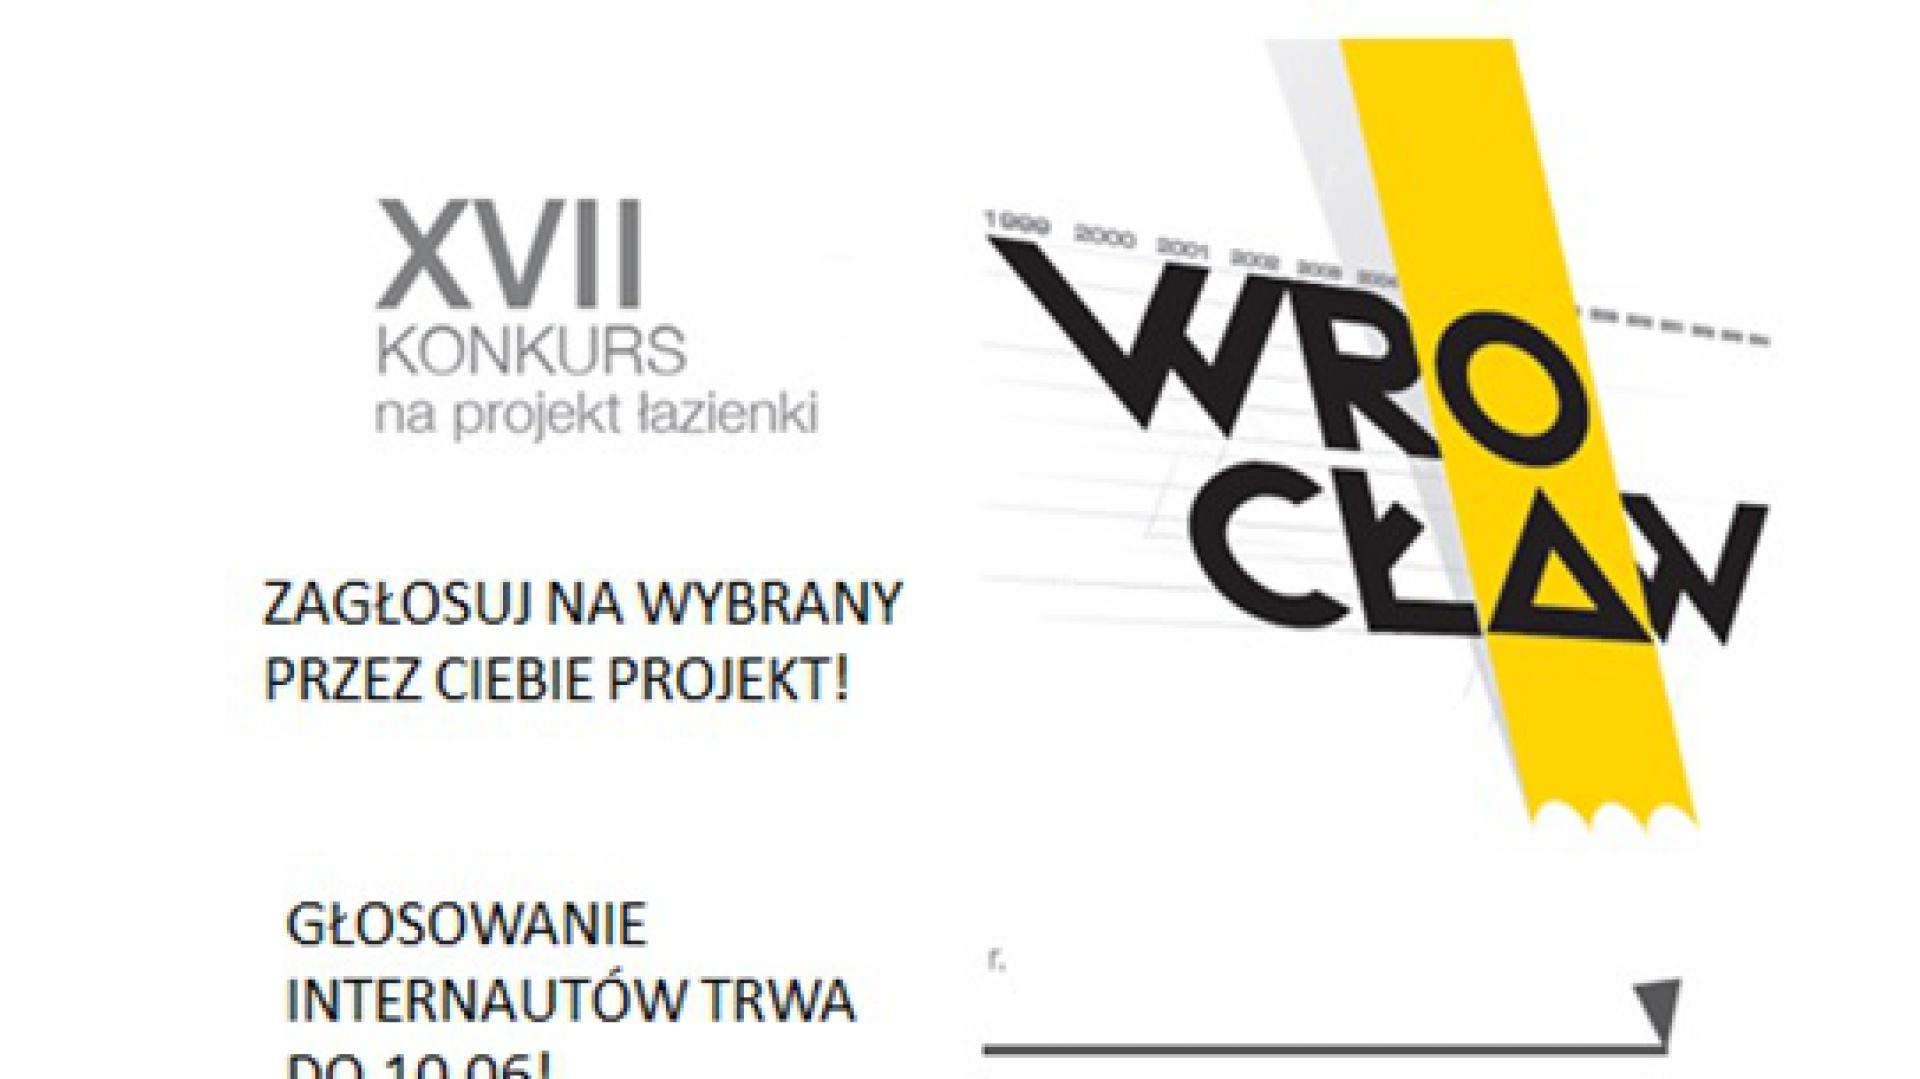 Wrocław to jedno z najszybciej rozwijających się miast w Polsce i zarazem najchętniej odwiedzanych przez turystów. Znajduje się tu wiele zabytkowych obiektów, takich jak Hala Stulecia, wpisana na listę światowego dziedzictwa UNESCO. Ważnym punktem na architektonicznej mapie Wrocławia są także dawne łaźnie miejskie oraz zabytkowe toalety. Fot. Materiały prasowe organizatora